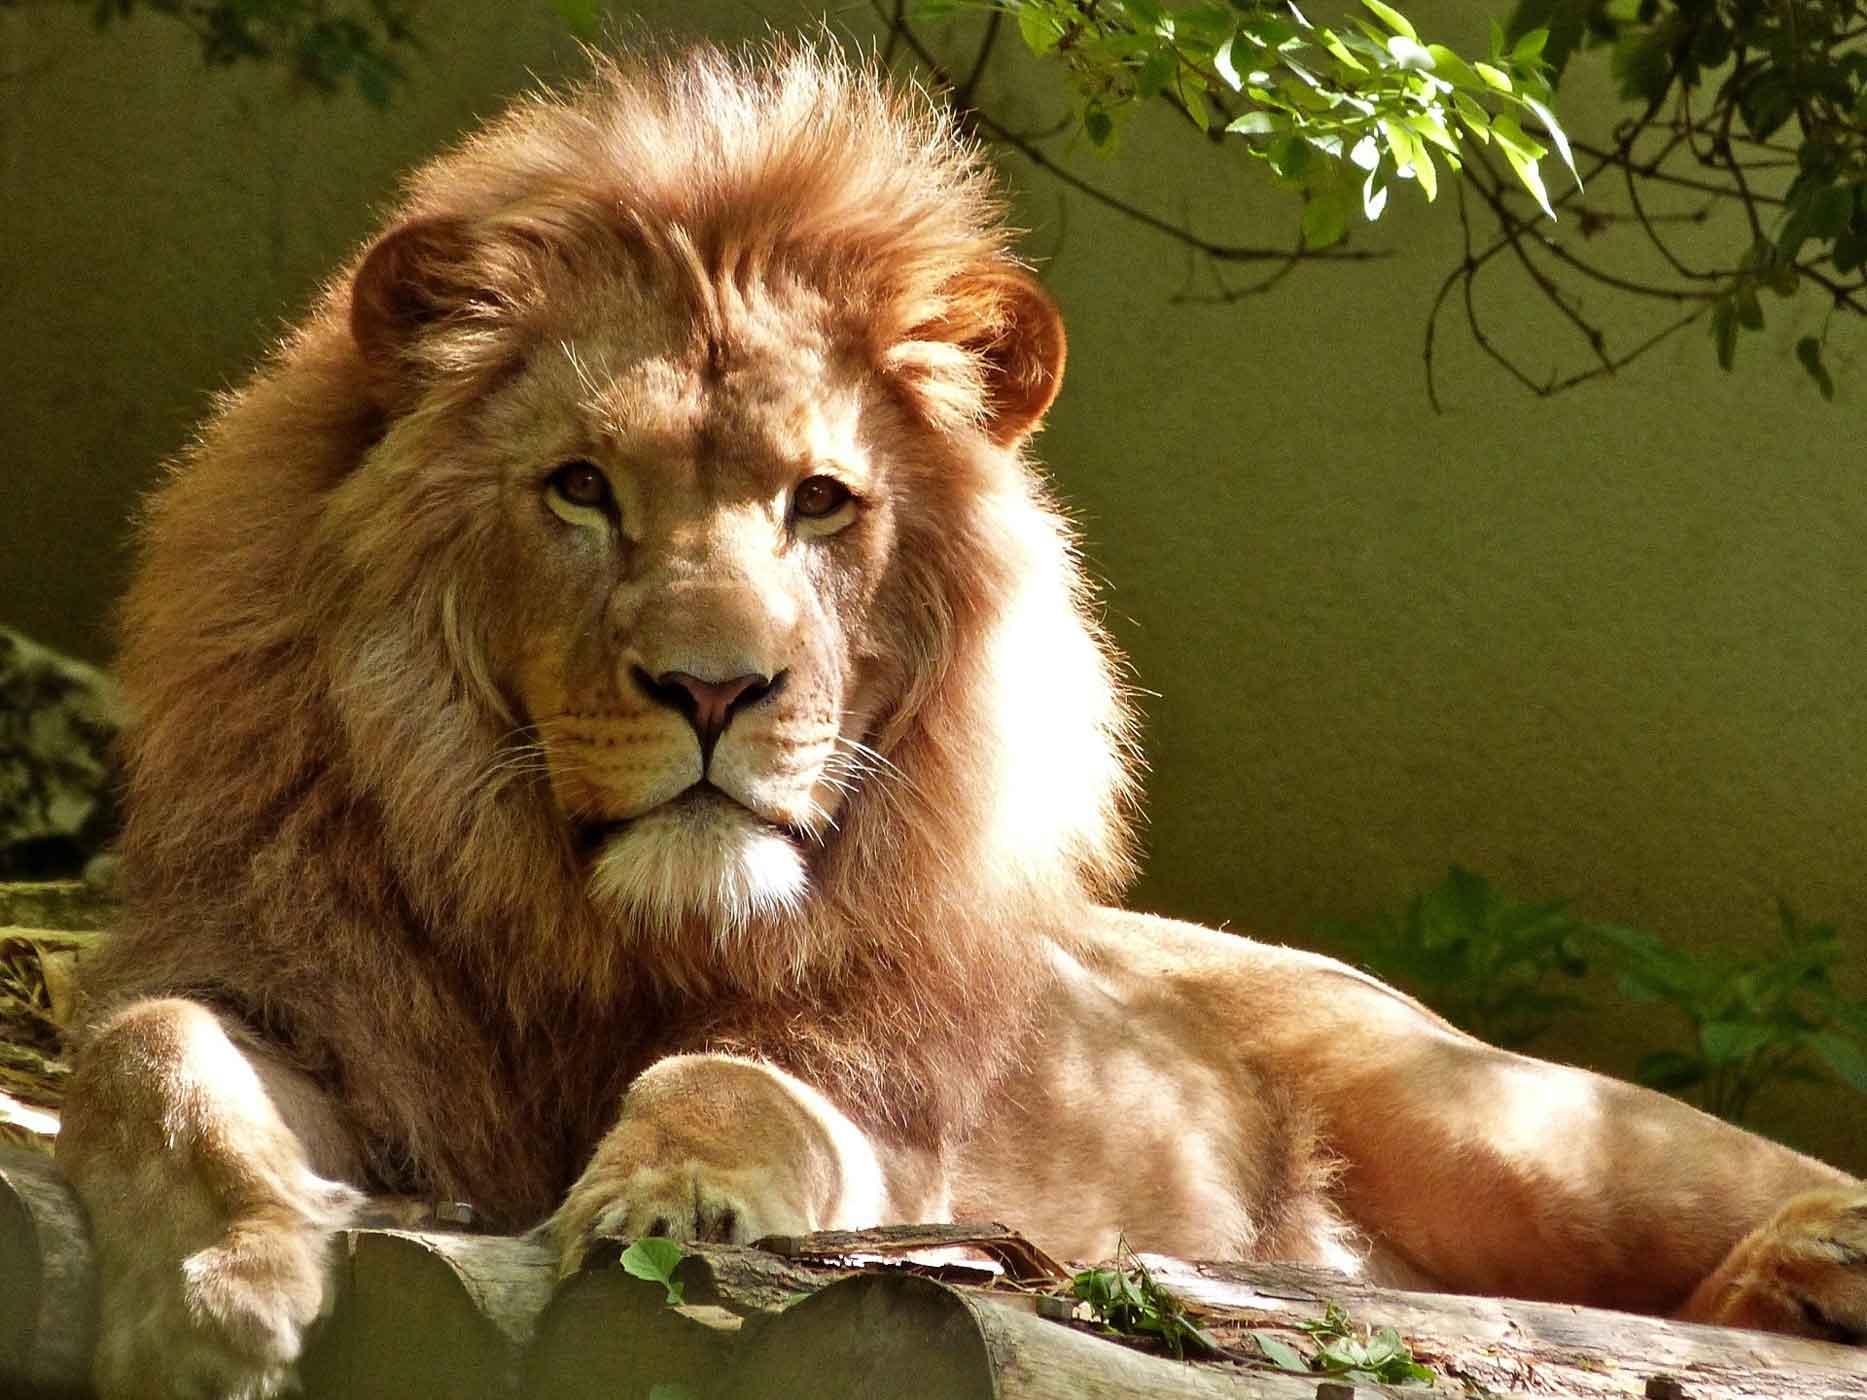 Ein liegender Löwe im Zoo